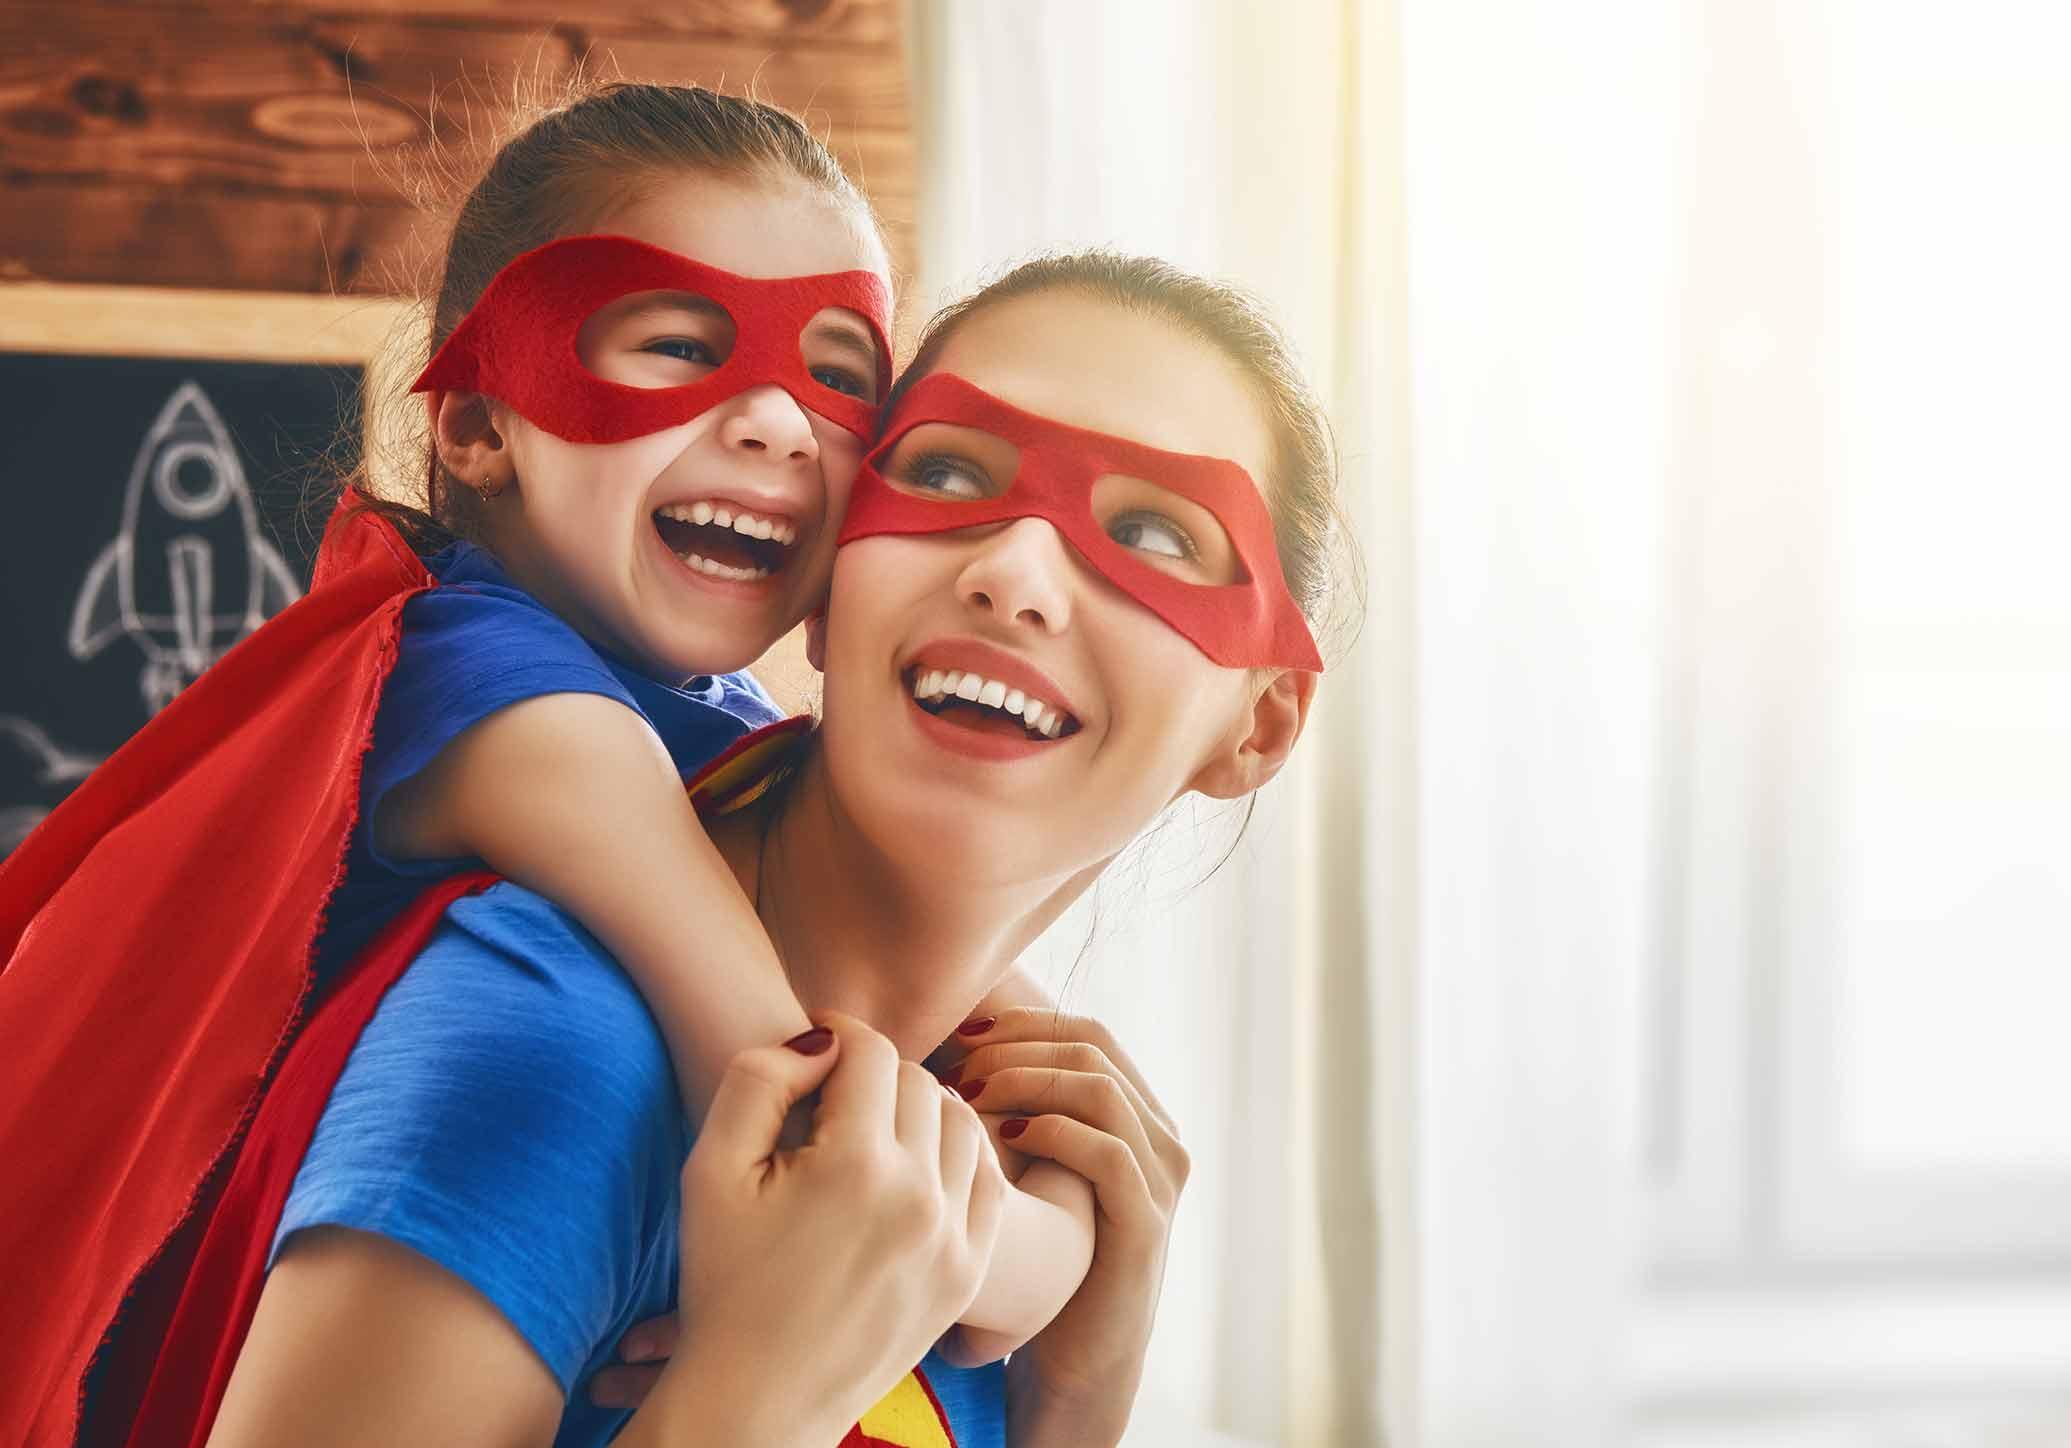 Carnaval 2021: ideias para comemorar em casa